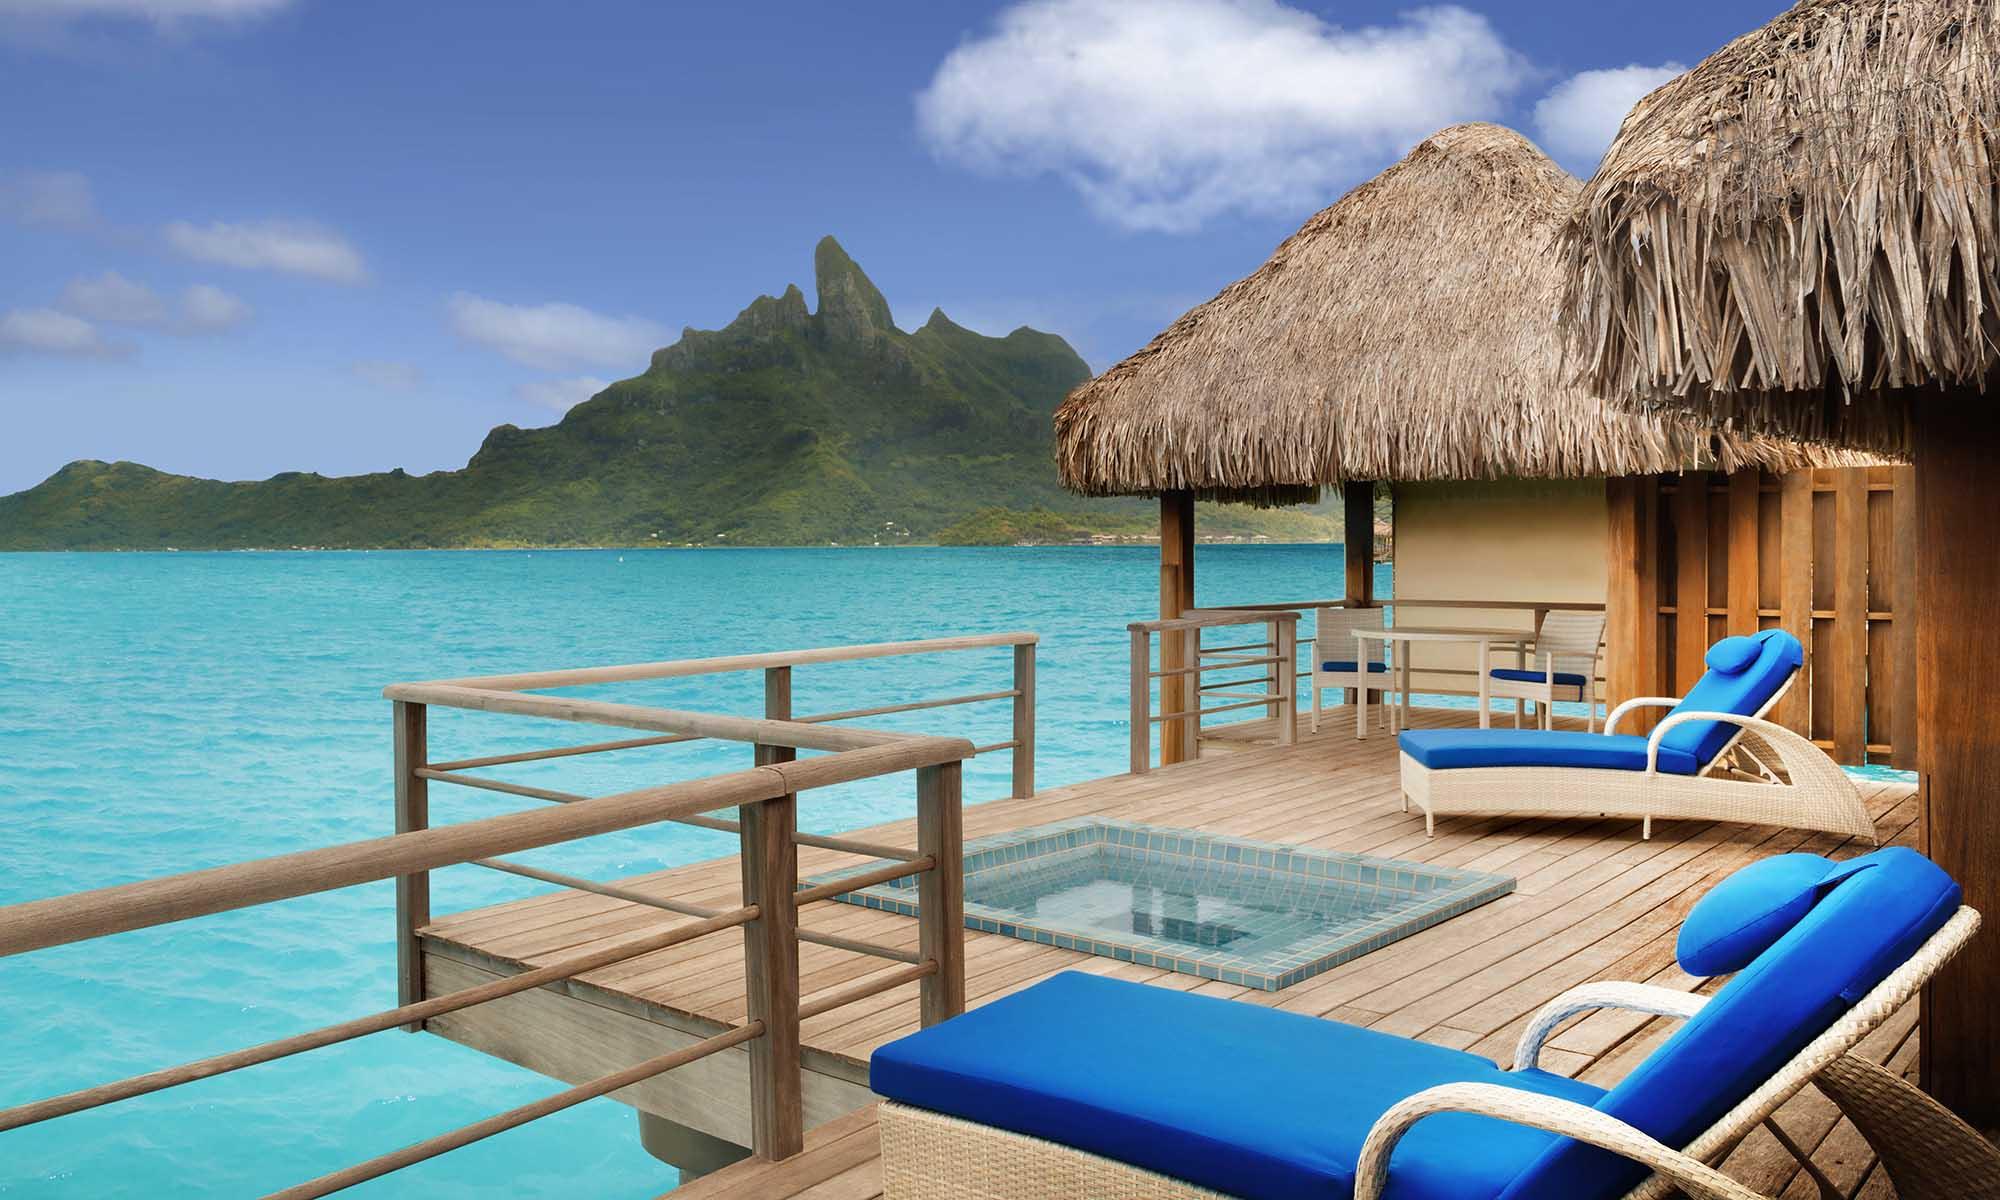 St Regis Bora Bora Resort Marriott French Polynesia